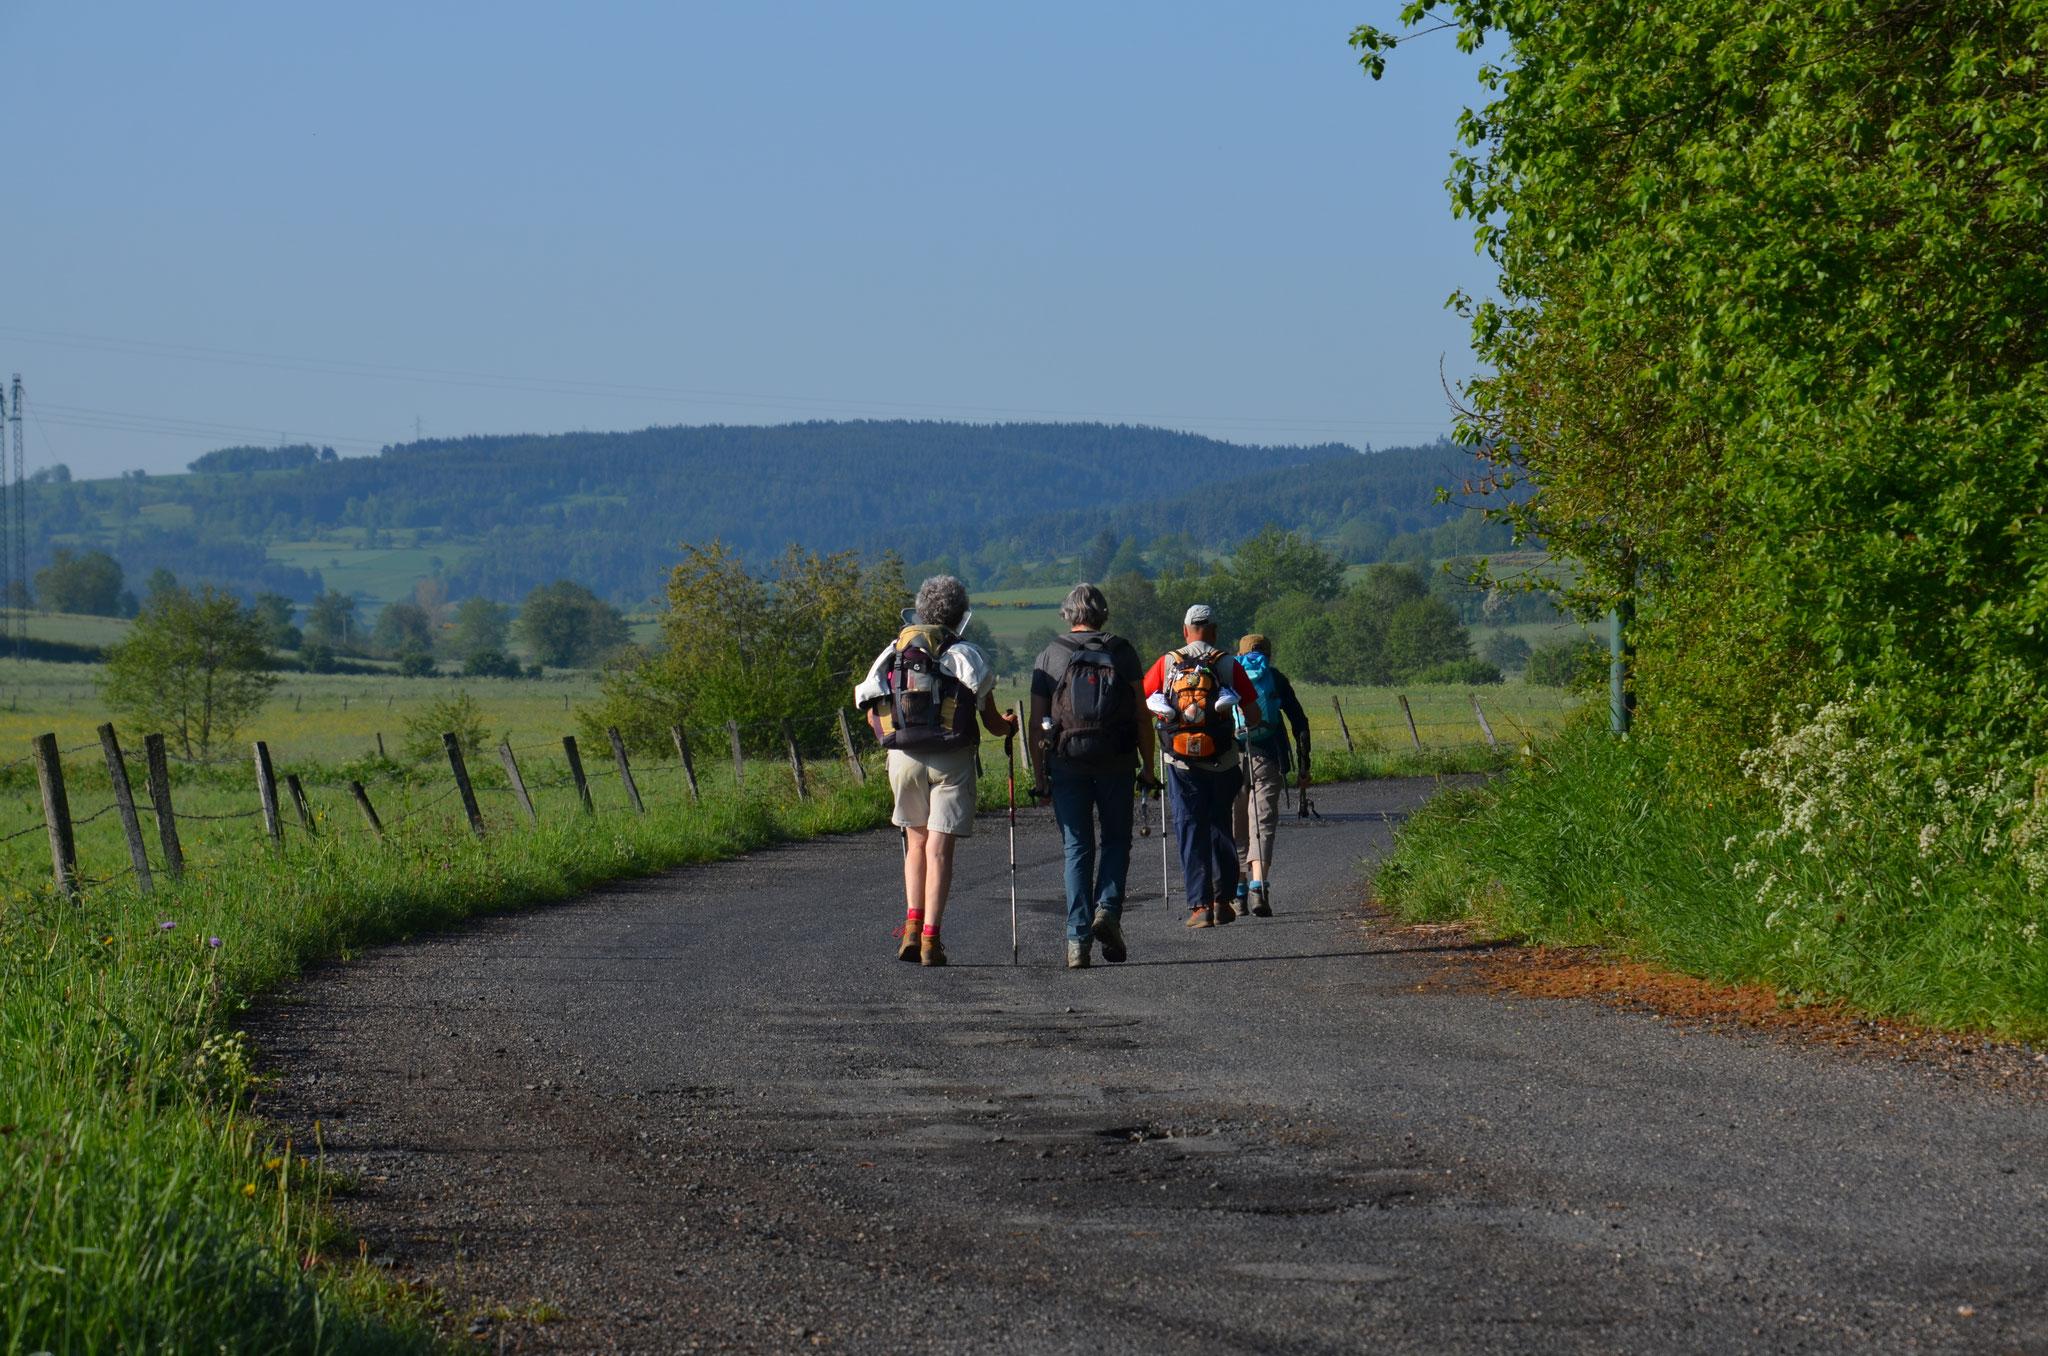 Départ randonnée du gîte d'étape La Margeride à saugues